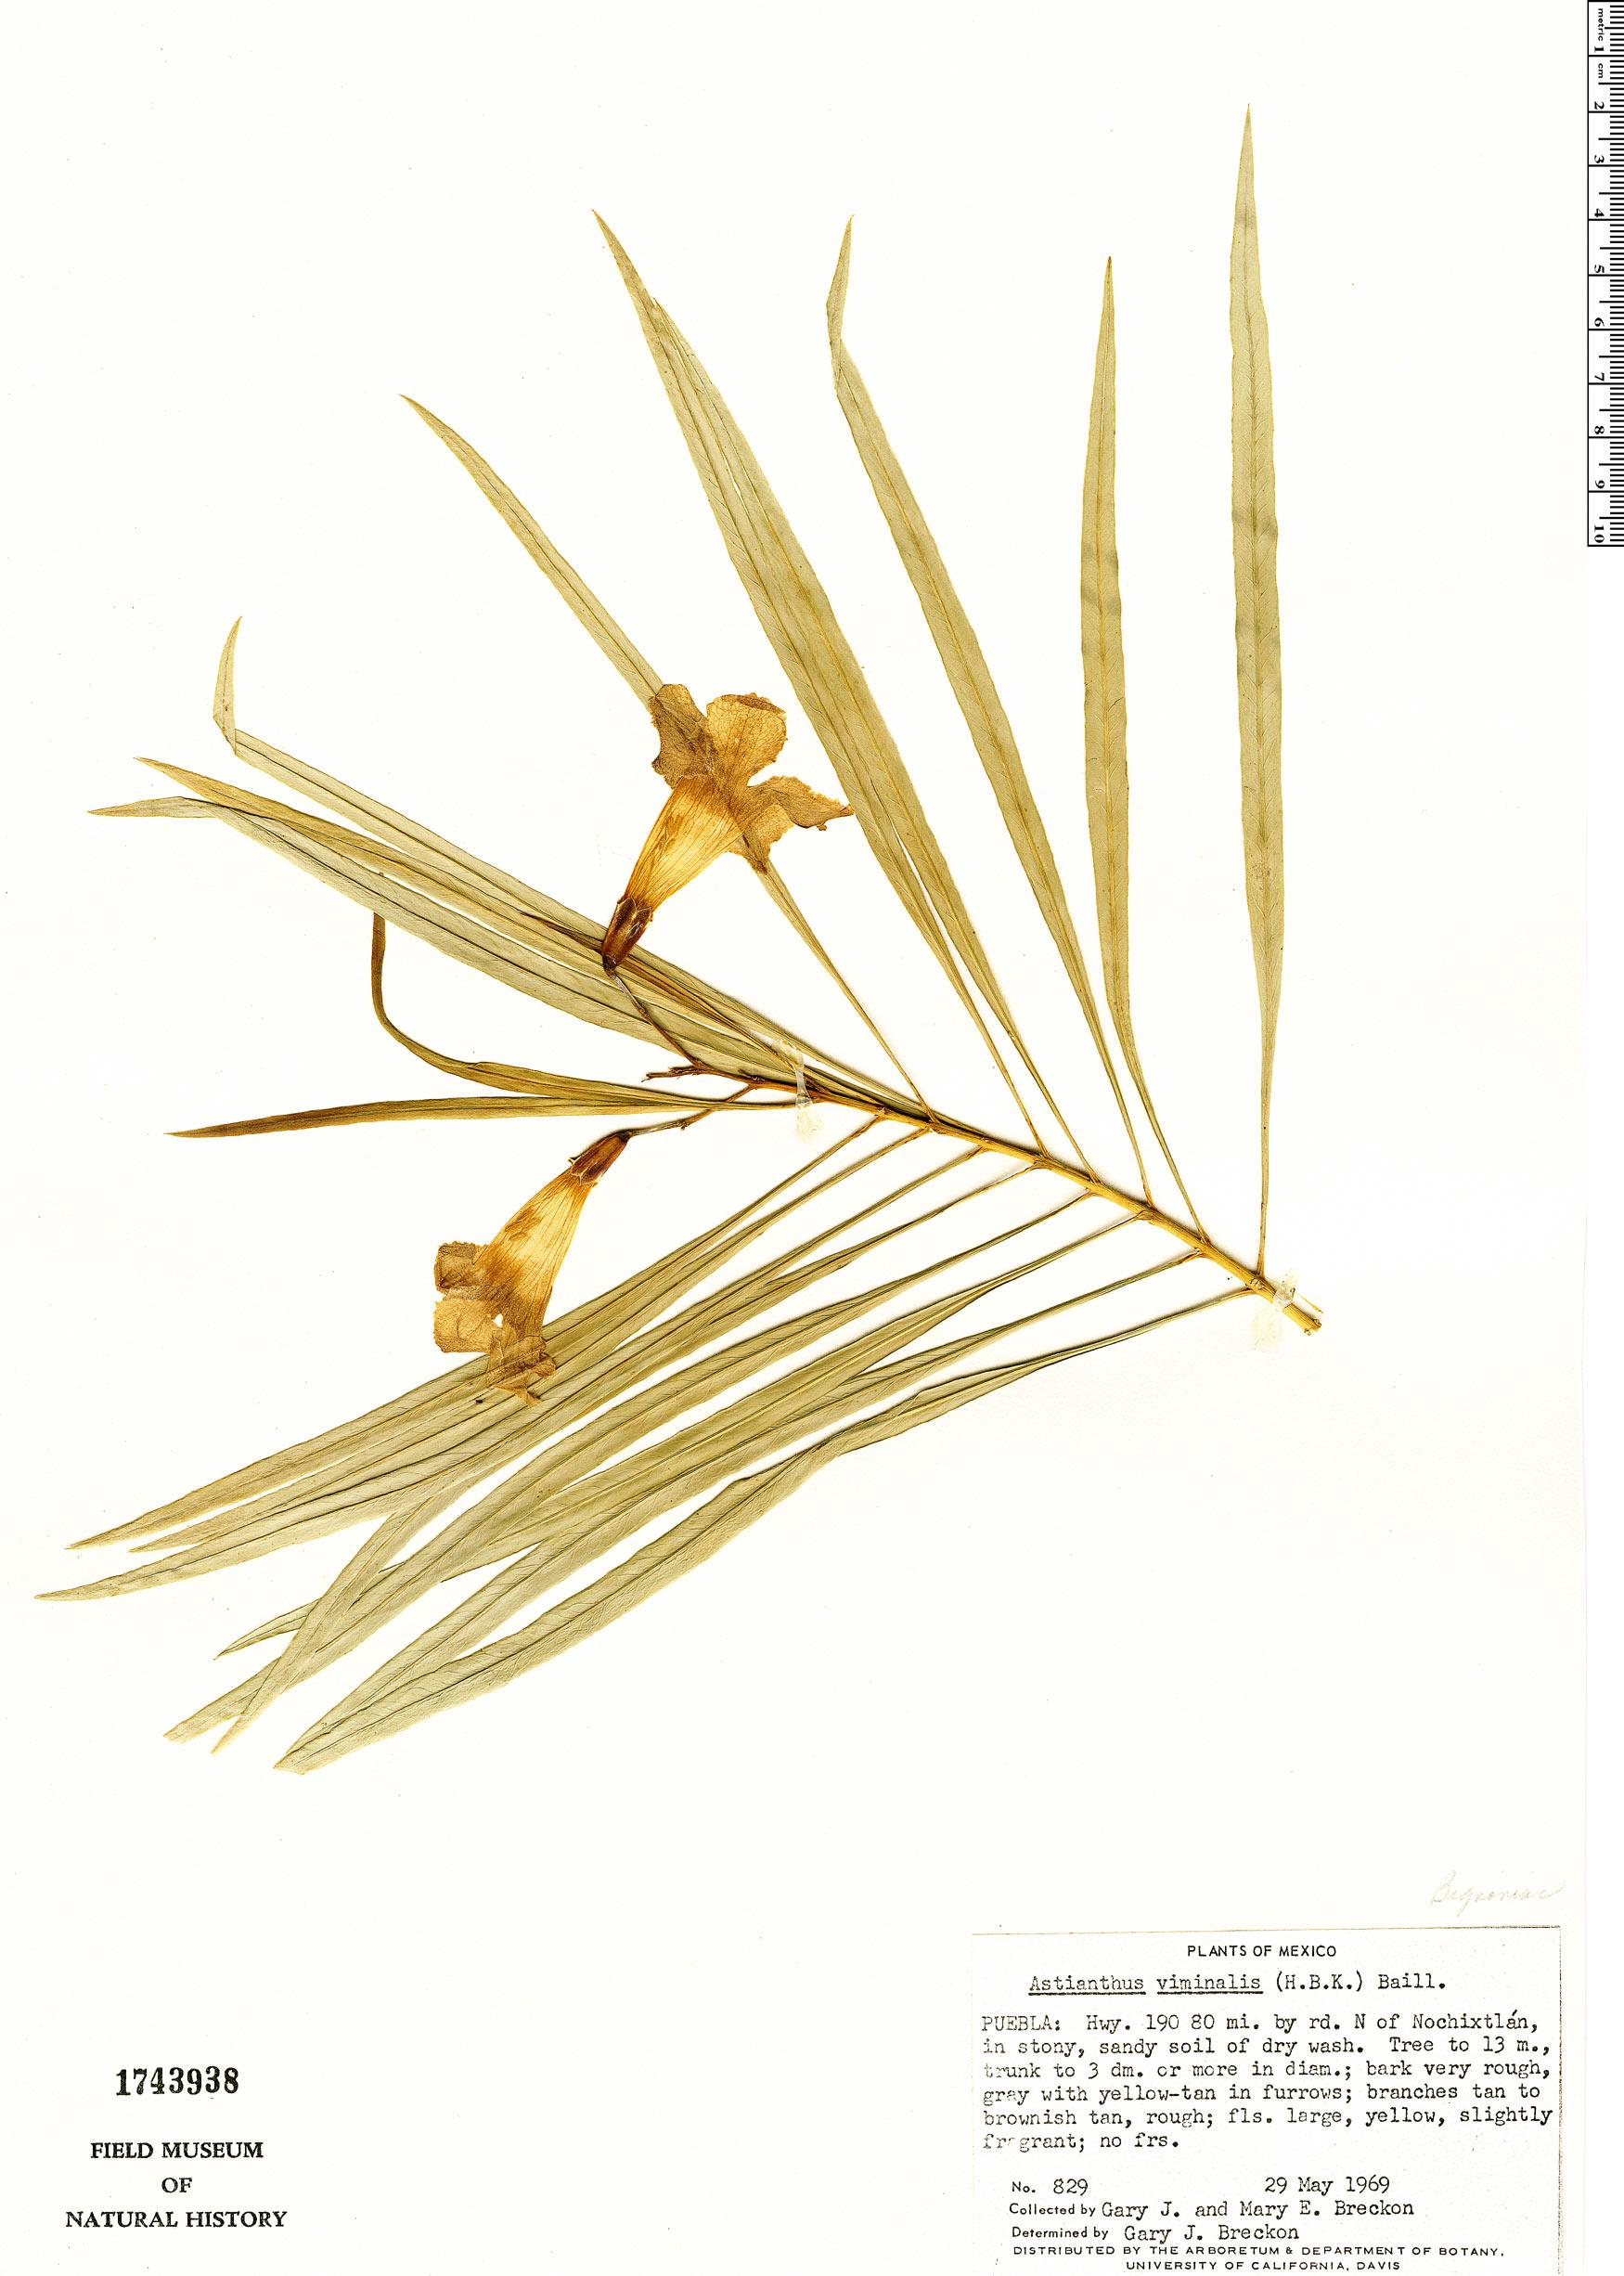 Specimen: Astianthus viminalis